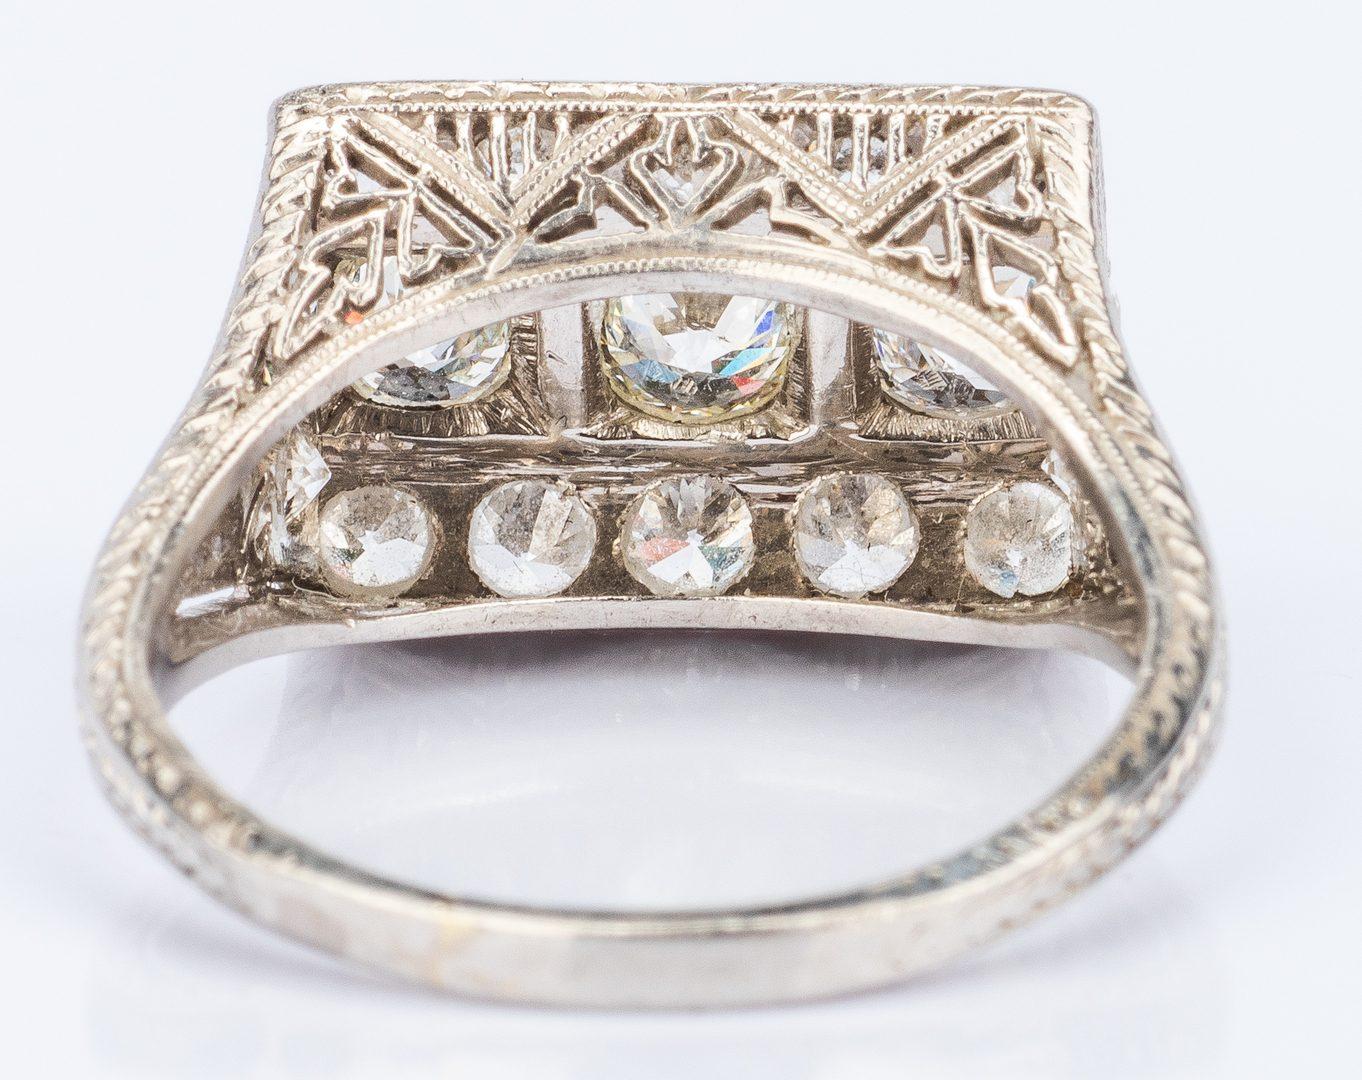 Lot 35: Art Deco Platinum Diamond Ring